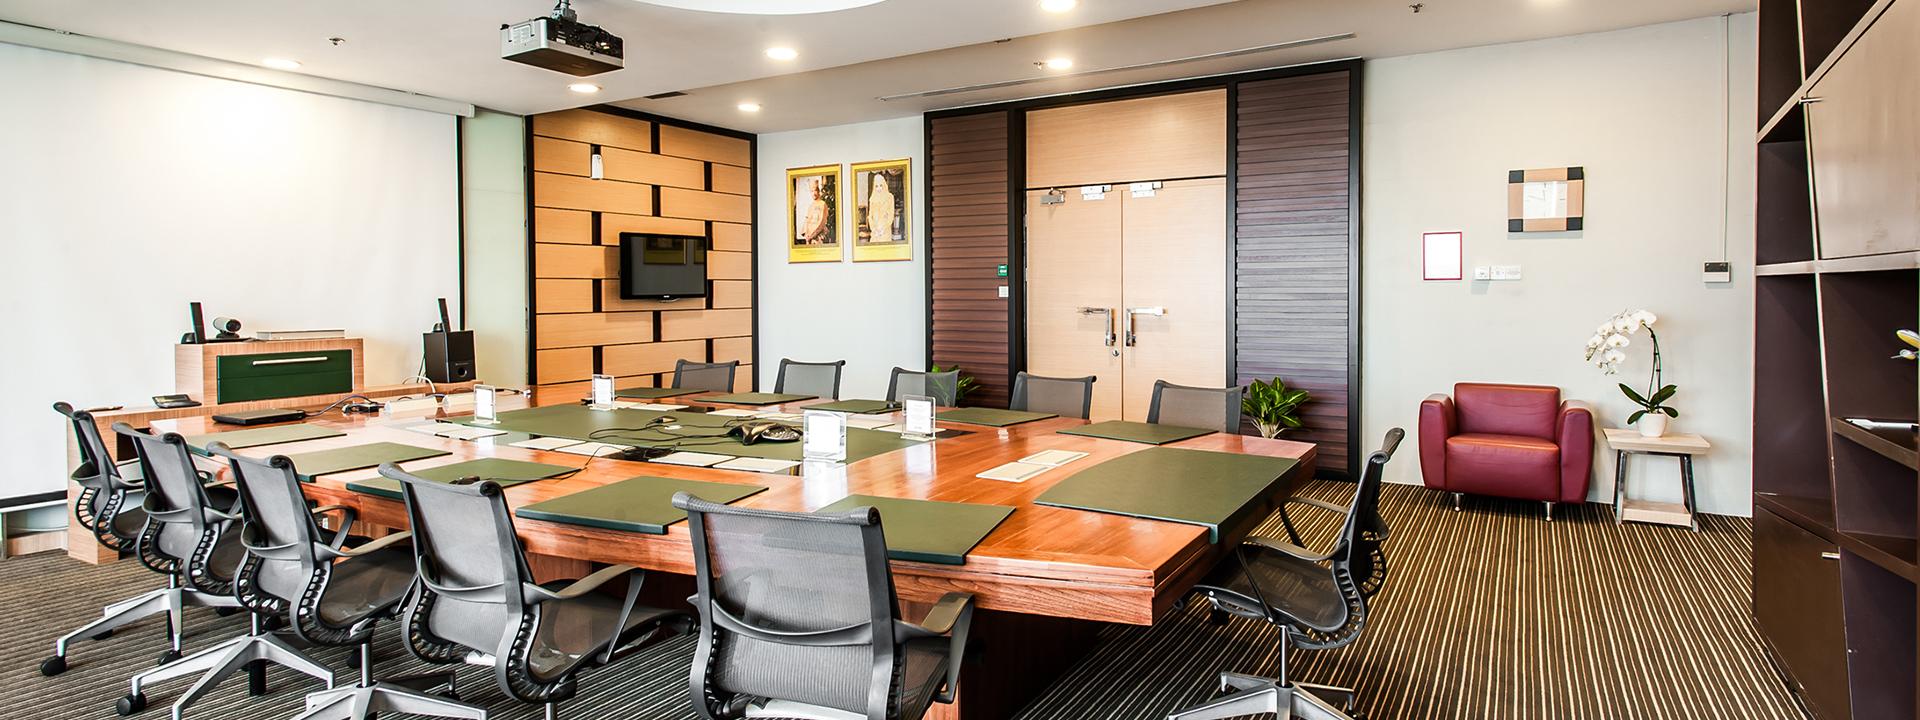 Office Interior Design Brunei